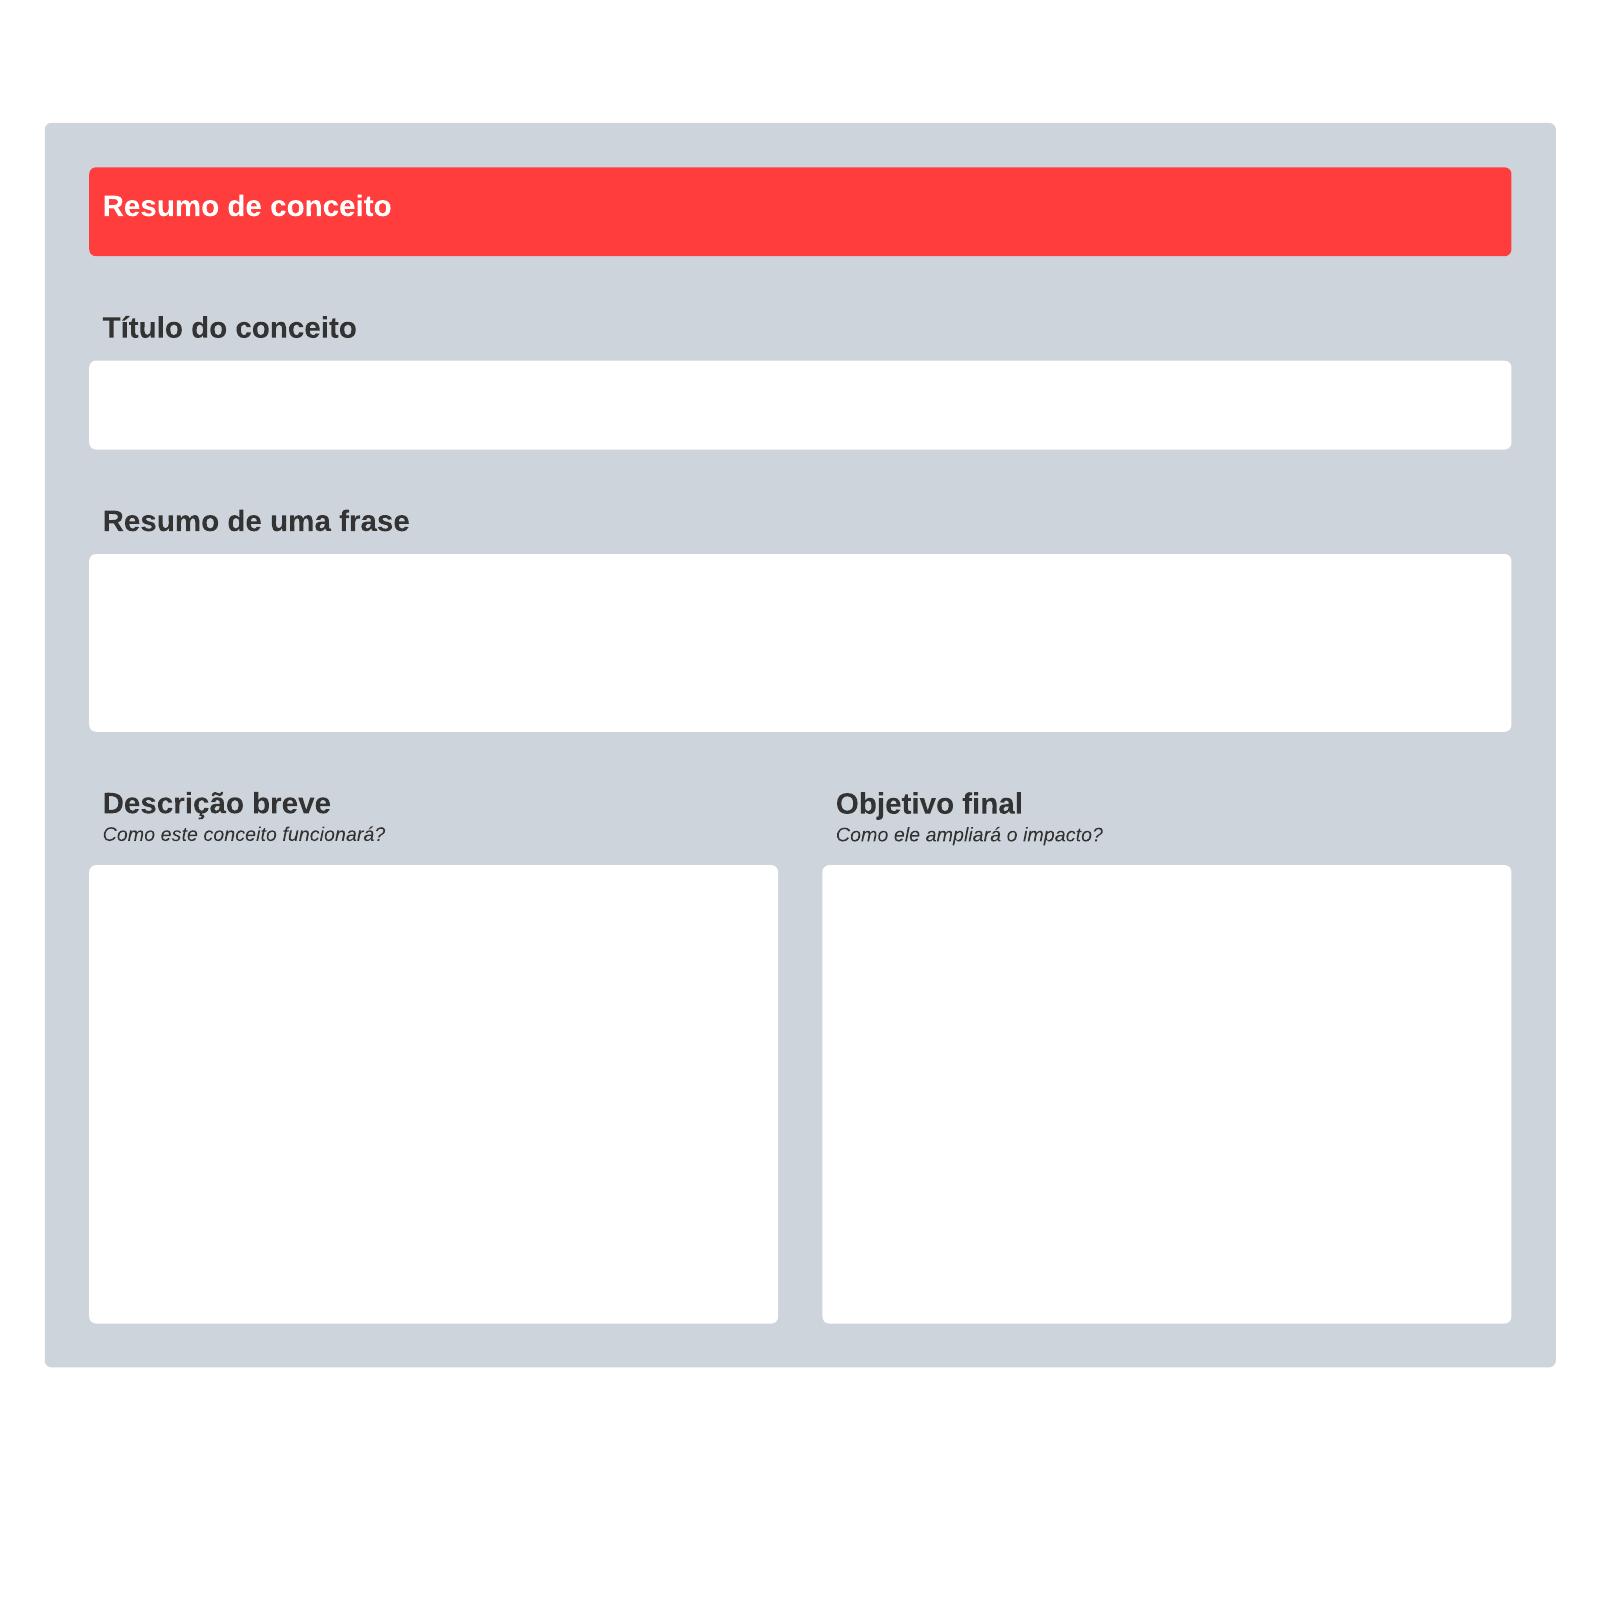 Modelo de resumo simples e expandido